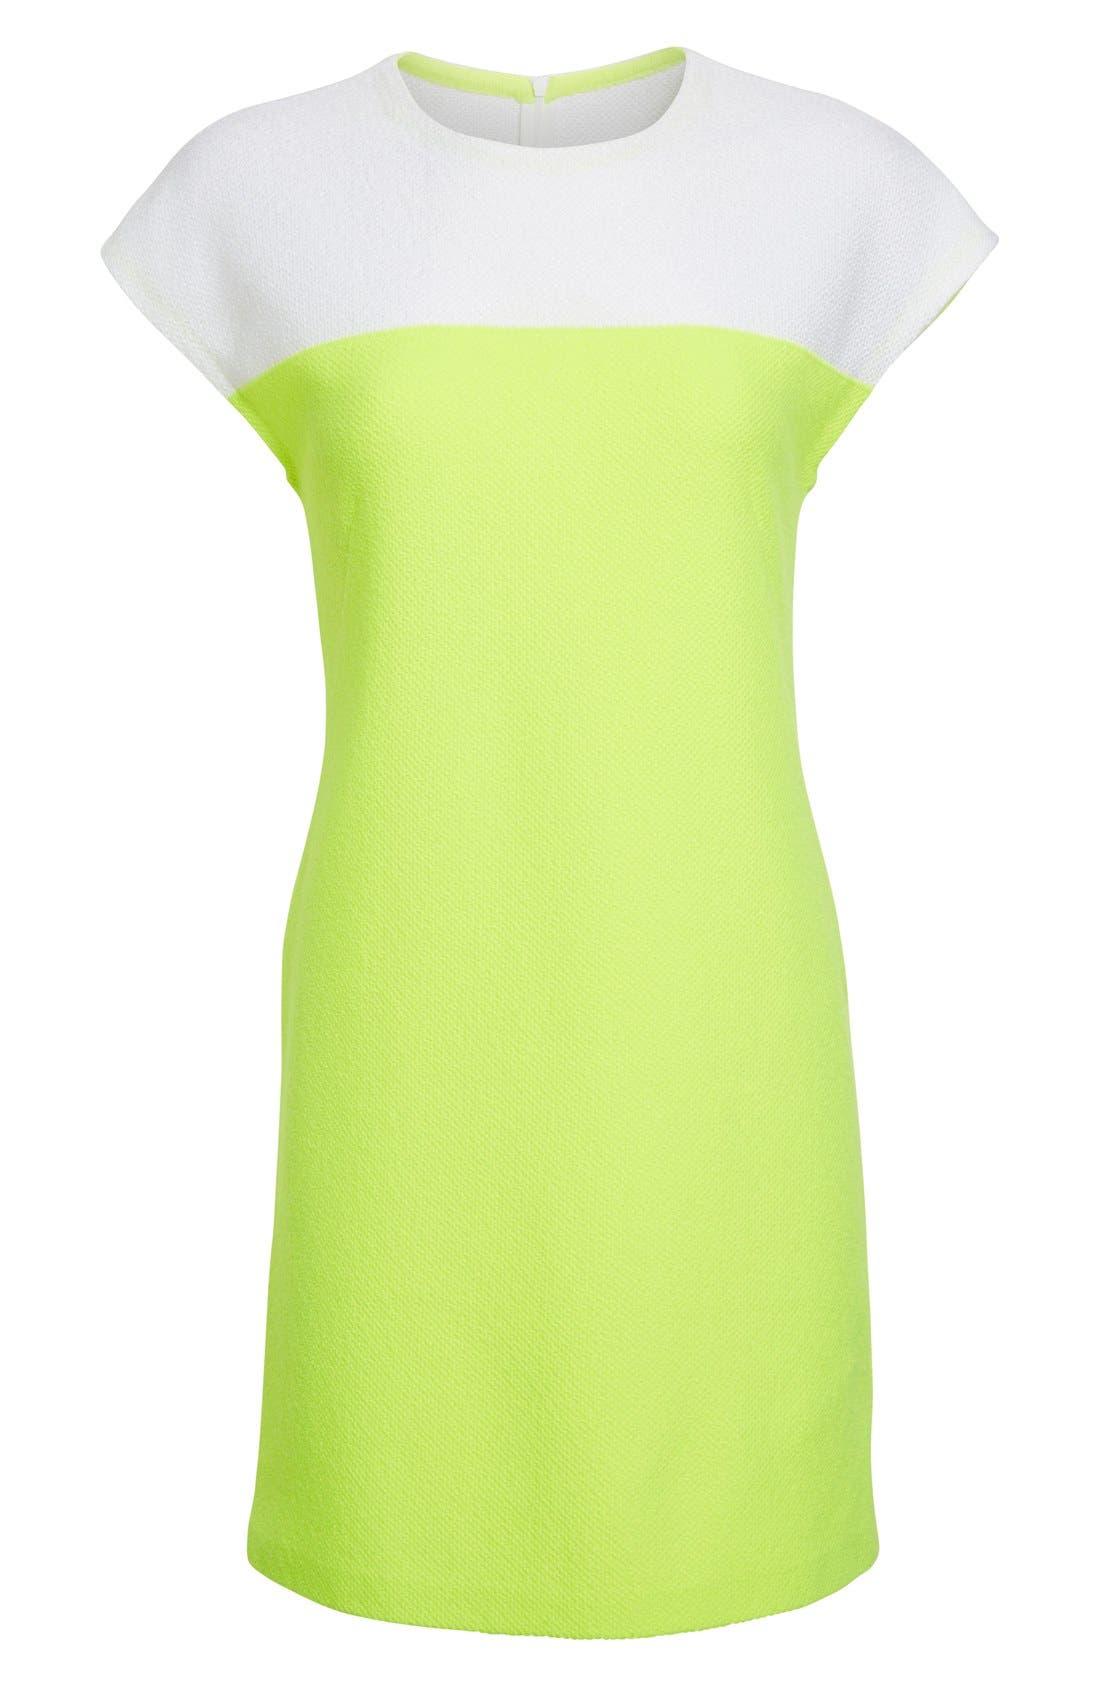 Alternate Image 4  - St. John Collection 'Nouveau' Colorblock Knit Shift Dress